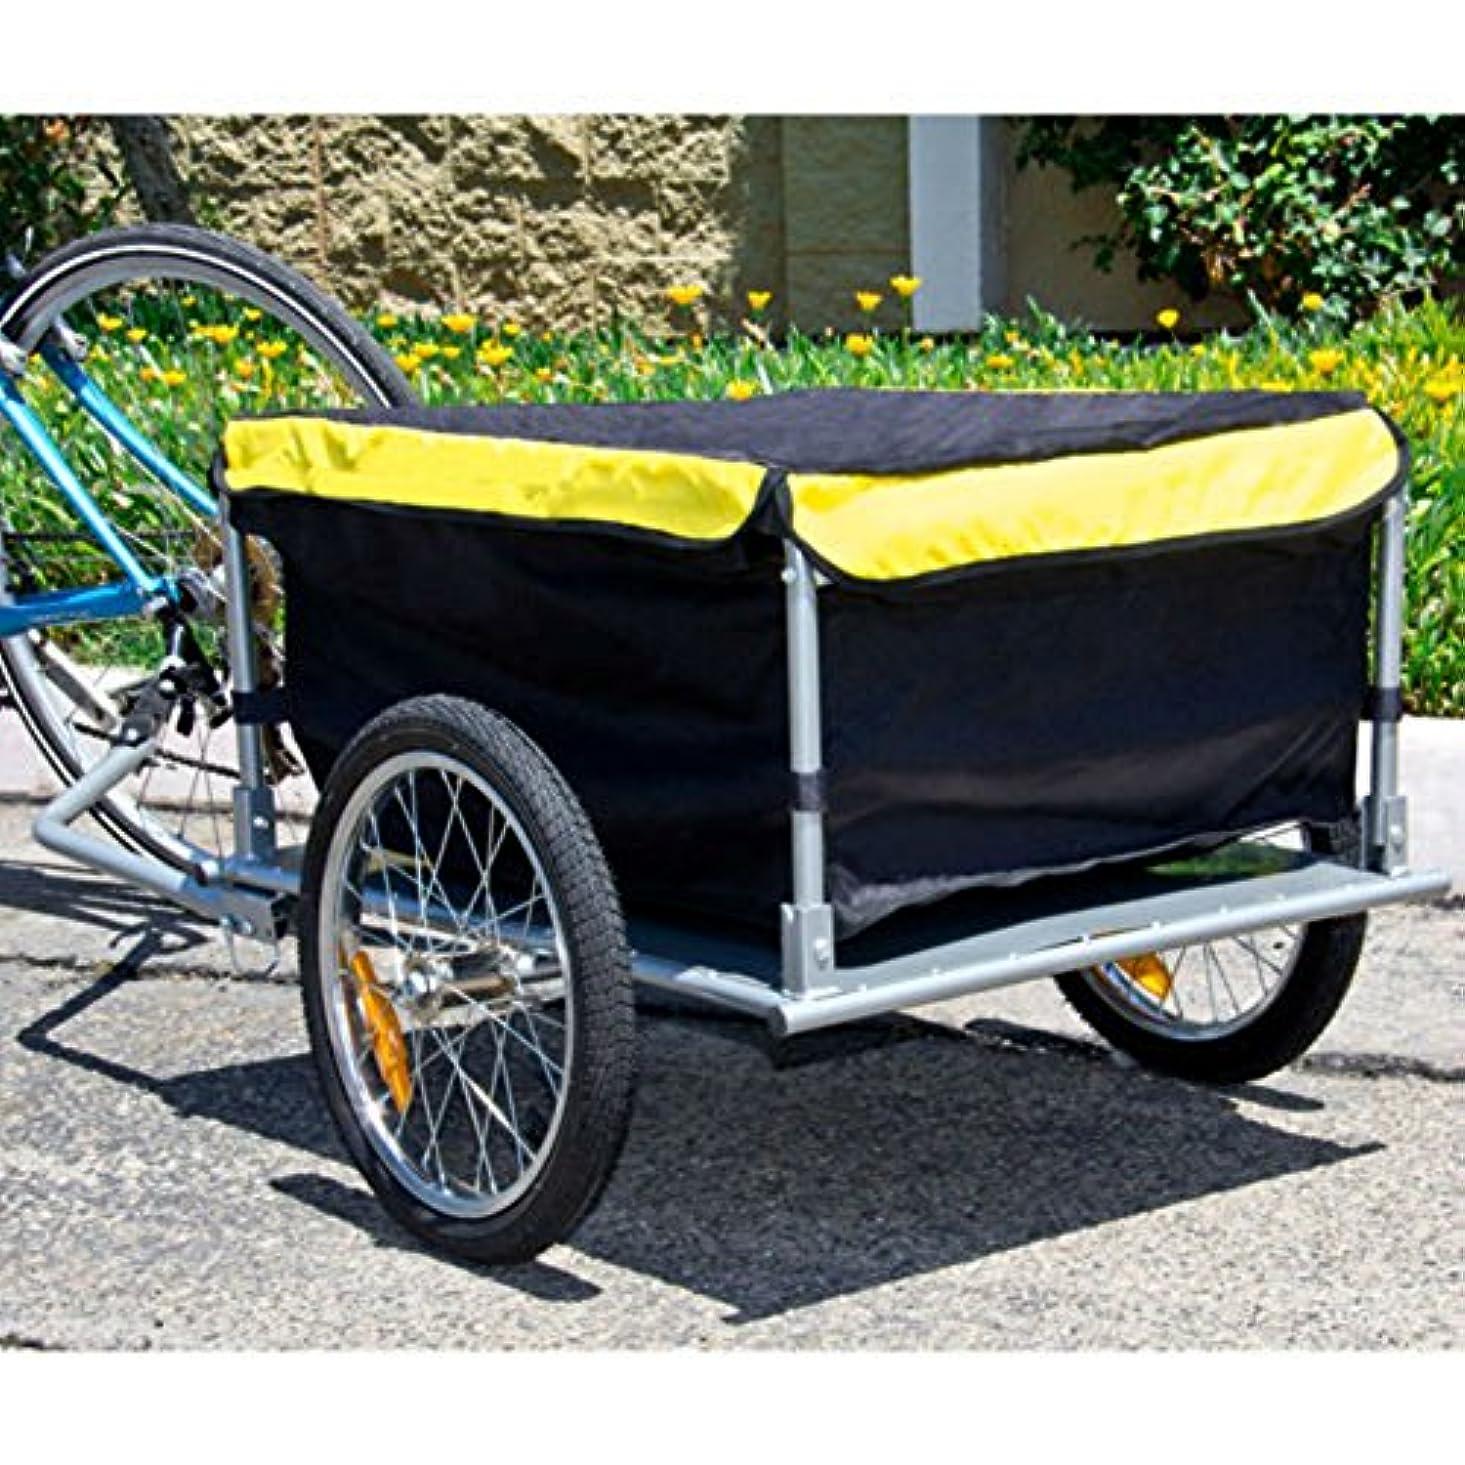 に対処するライラック検索エンジン最適化自転車 カーゴ トレーラー 自転車 カバー付き ショッピングカート キャリア 牽引 運搬 ガーデン 最も見やすい